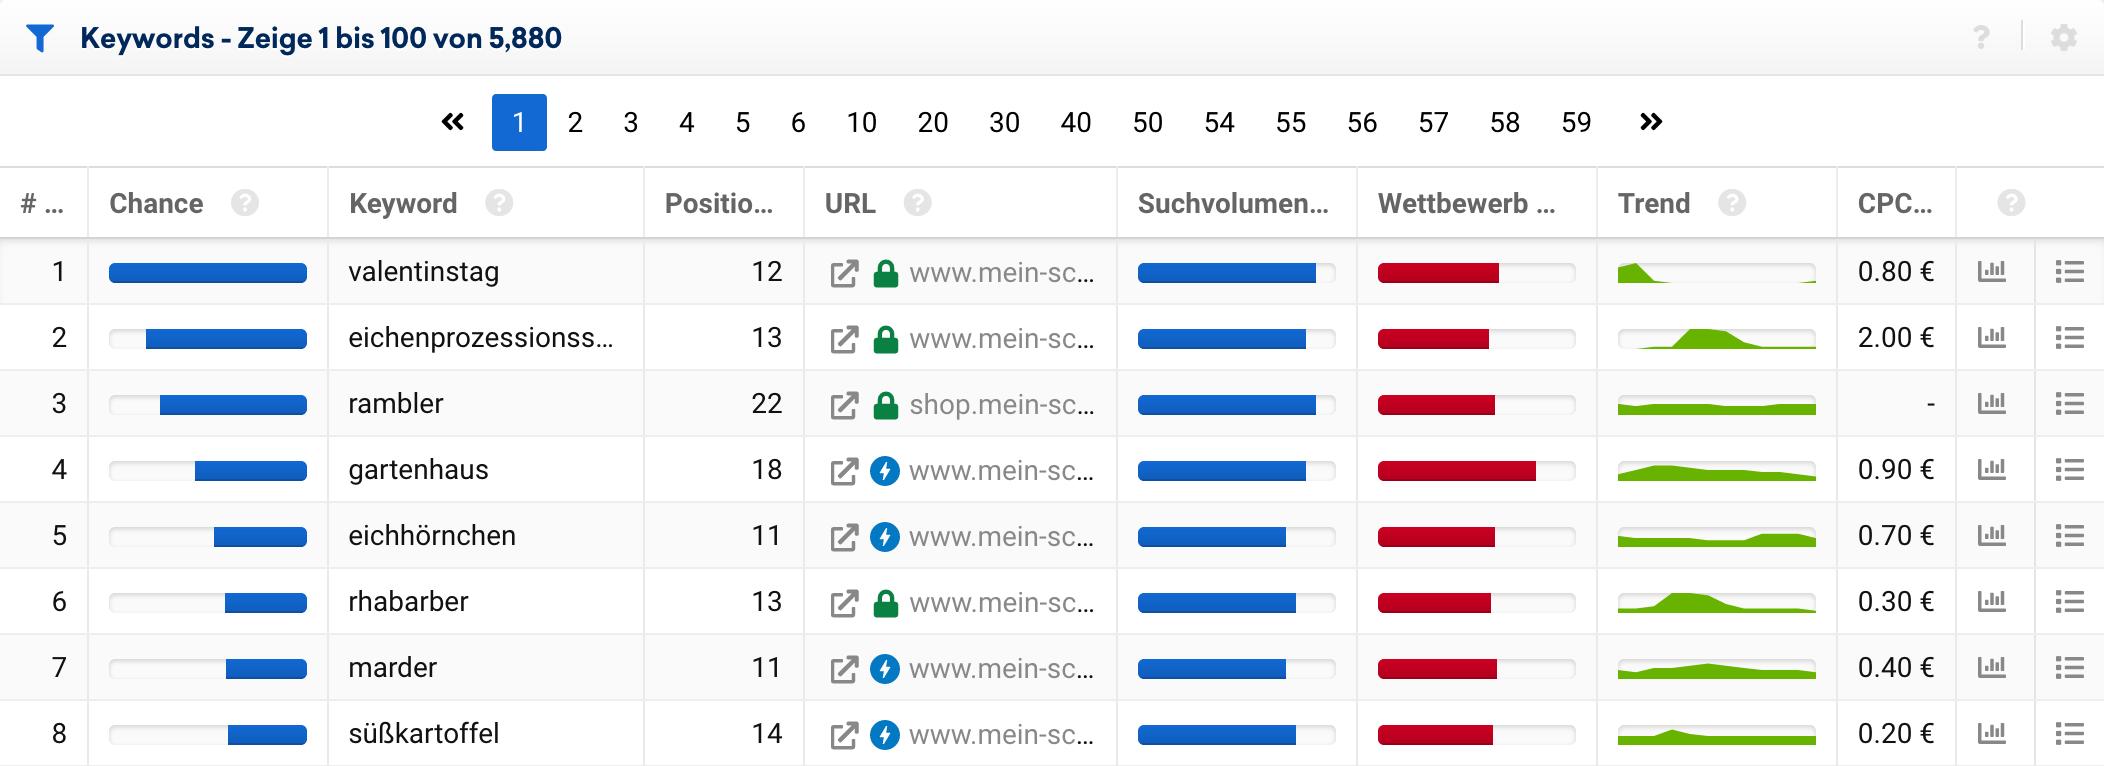 Keyword-Chancen Tabelle in der SISTRIX Toolbox für die Domain gartentraum.de. Zu sehen sind Keywords bei denen die Domain noch nicht in den Top-10 rankt, bei denen ein solches Ranking jedoch viele Besucher bringen könnte.